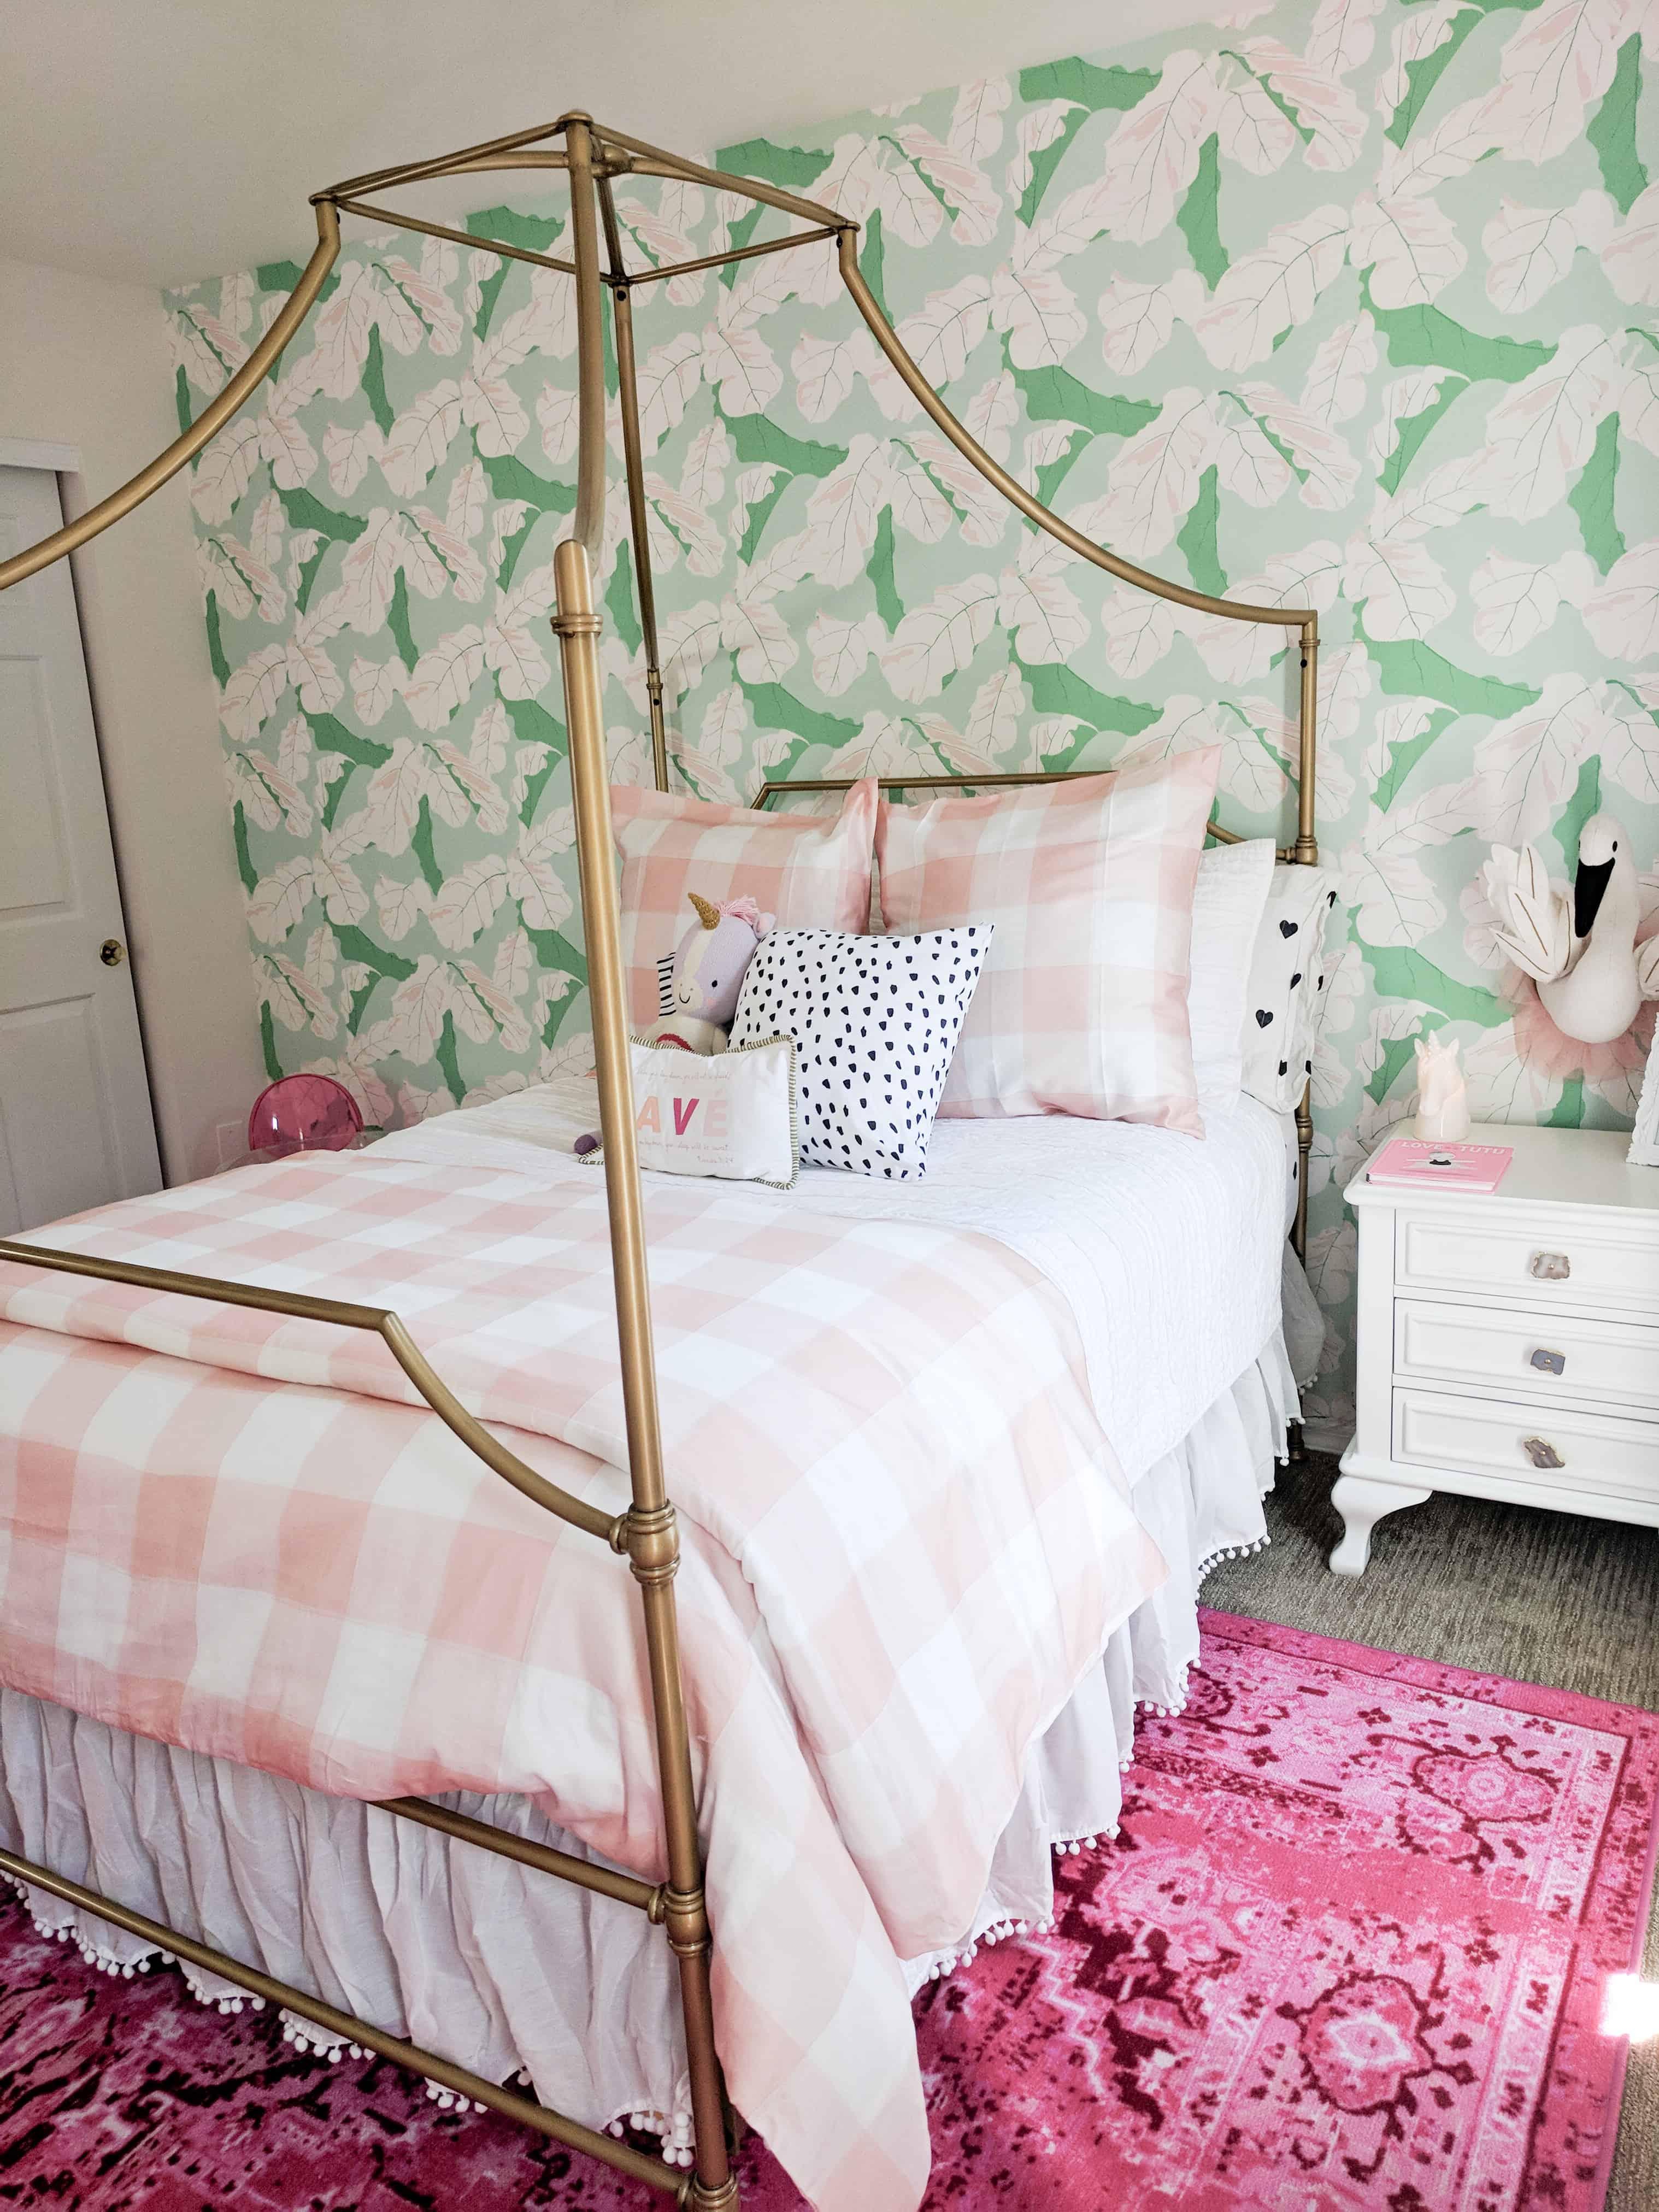 blush gingham bedding in toddler girl room